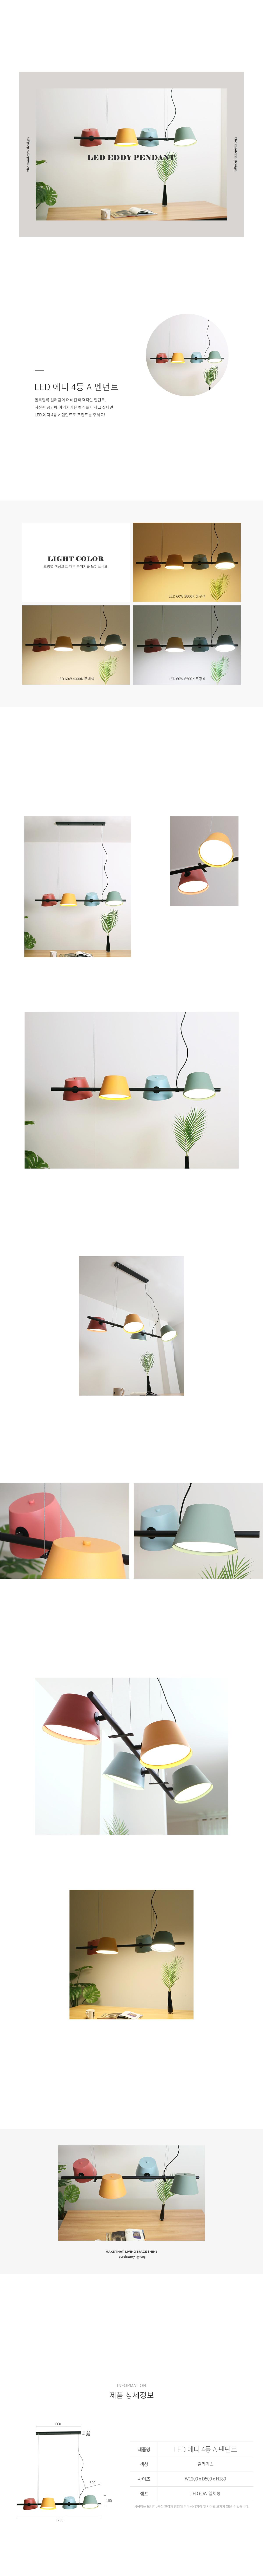 LED 에디 4등 A펜던트 - 퍼플스토리, 330,000원, 디자인조명, 팬던트조명